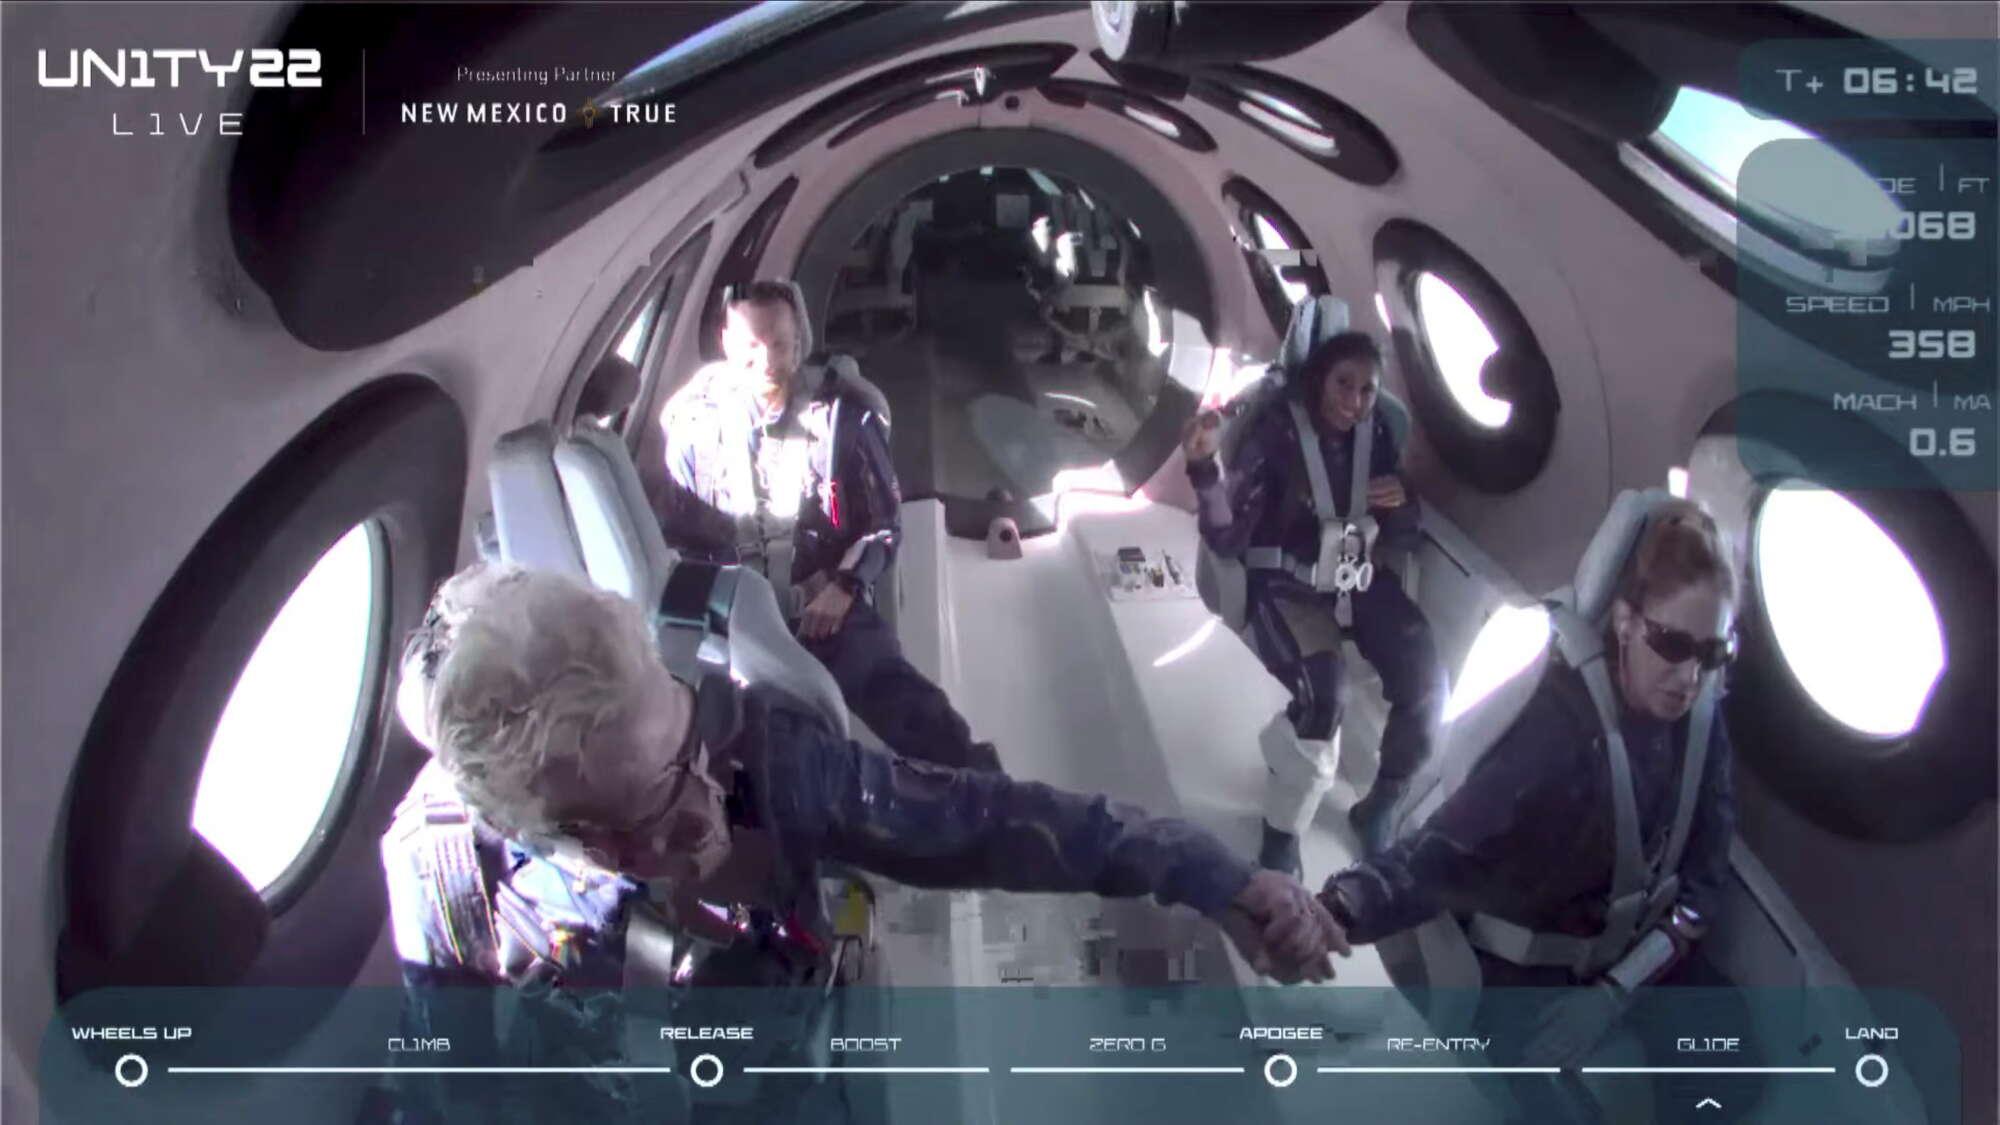 Χειραψίες και χαμόγελα στην καμπίνα των επιβατών οι οποίοι επισήμως είναι πλέον... αστροναύτες!